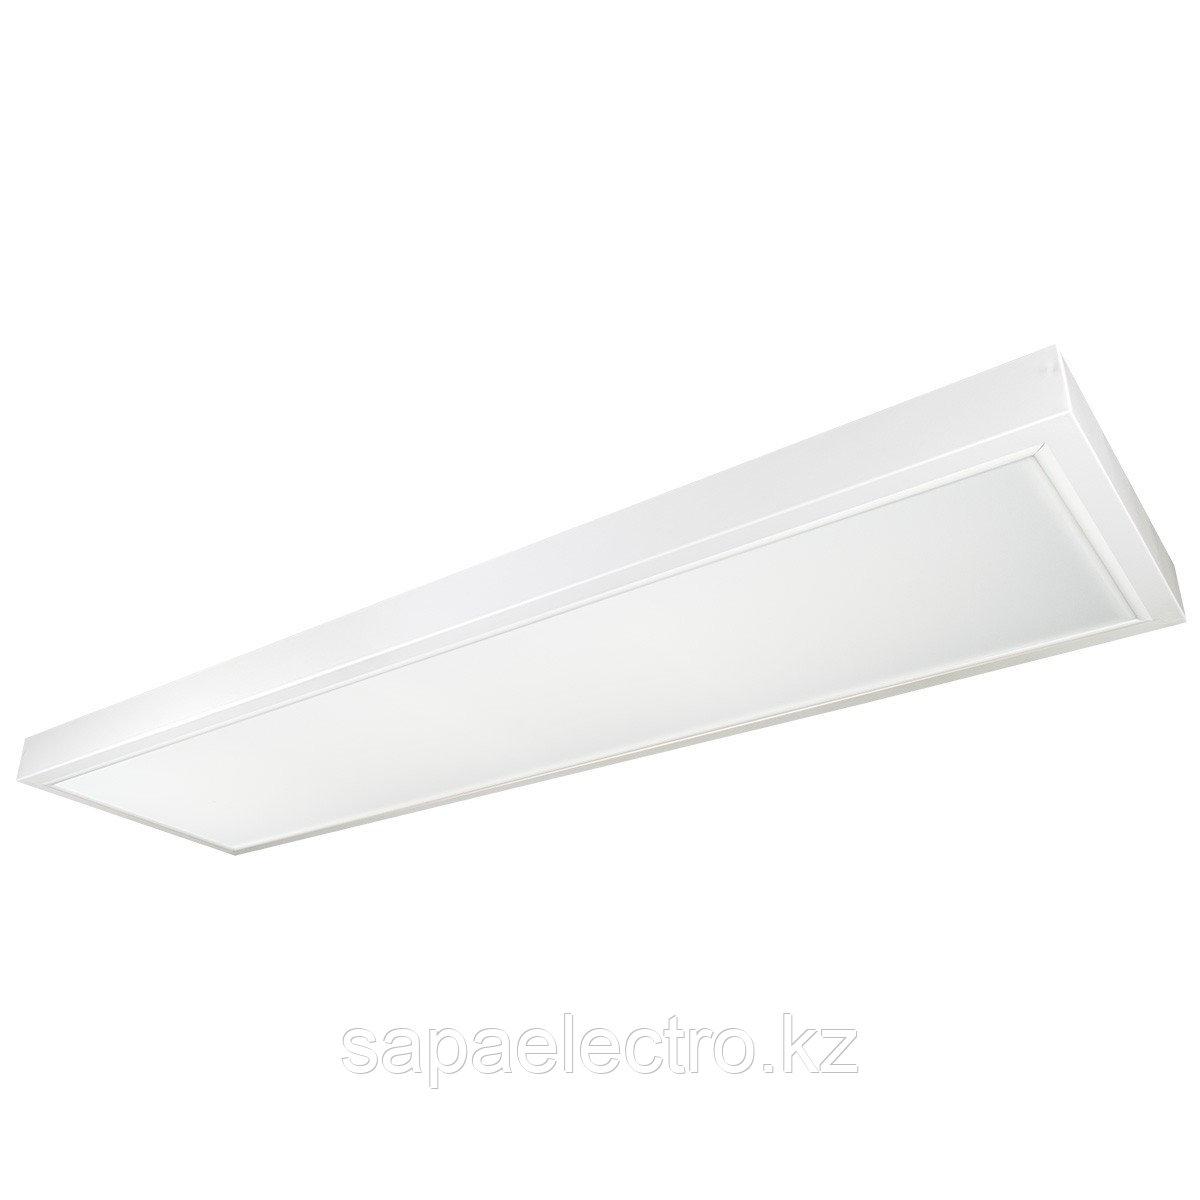 Св LEDTUBE 2x18W/120см OPAL MODERNAнакл(с лампой)MG